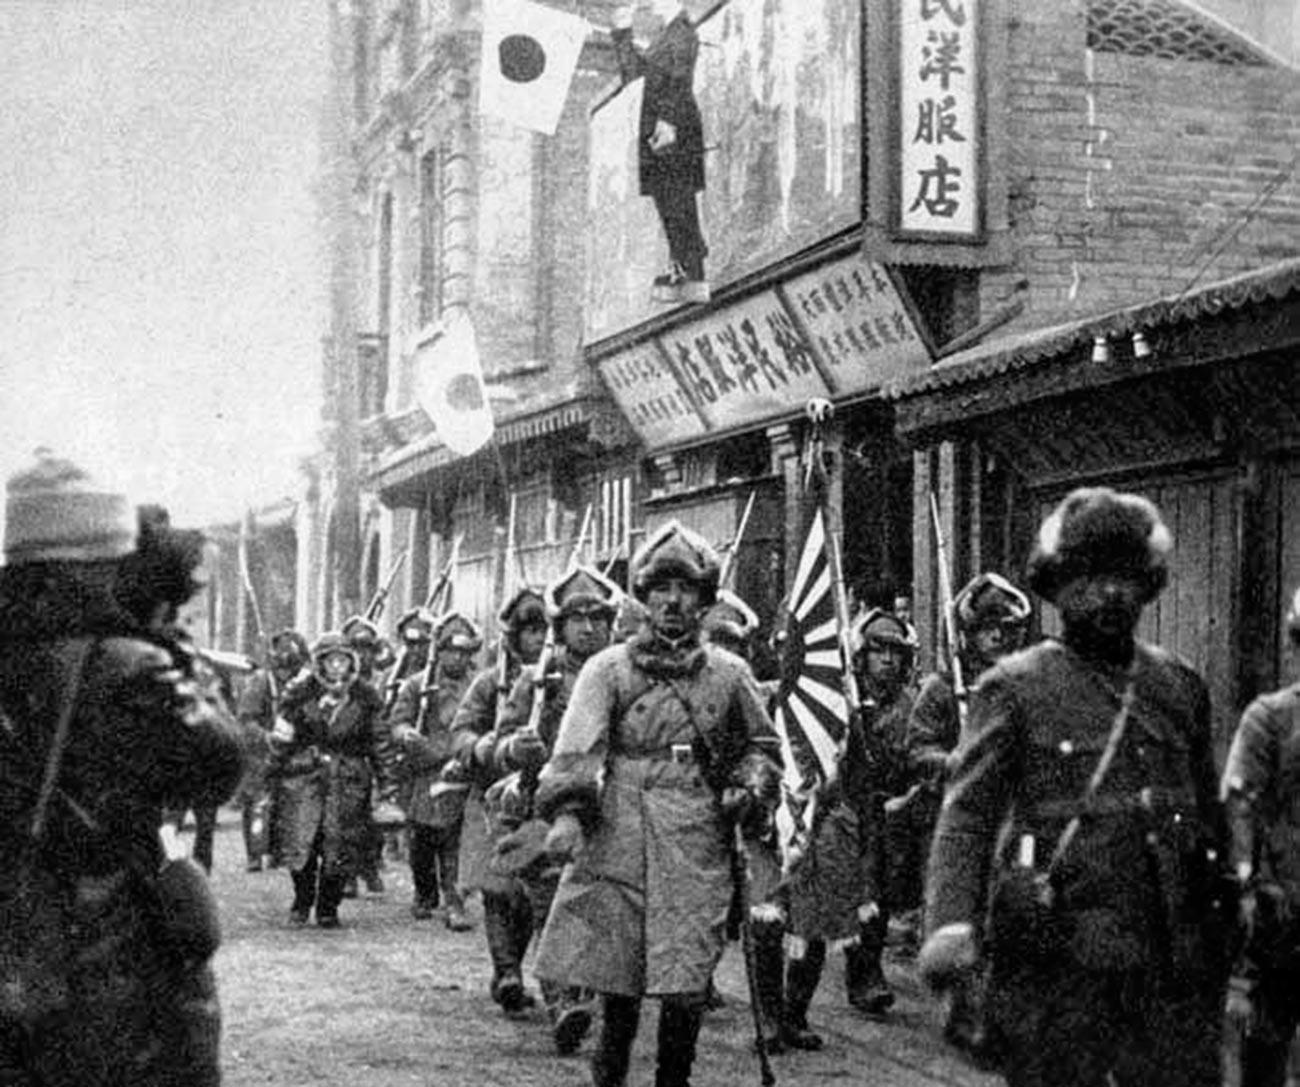 Јапанске трупе улазе у град Ђинџоу.